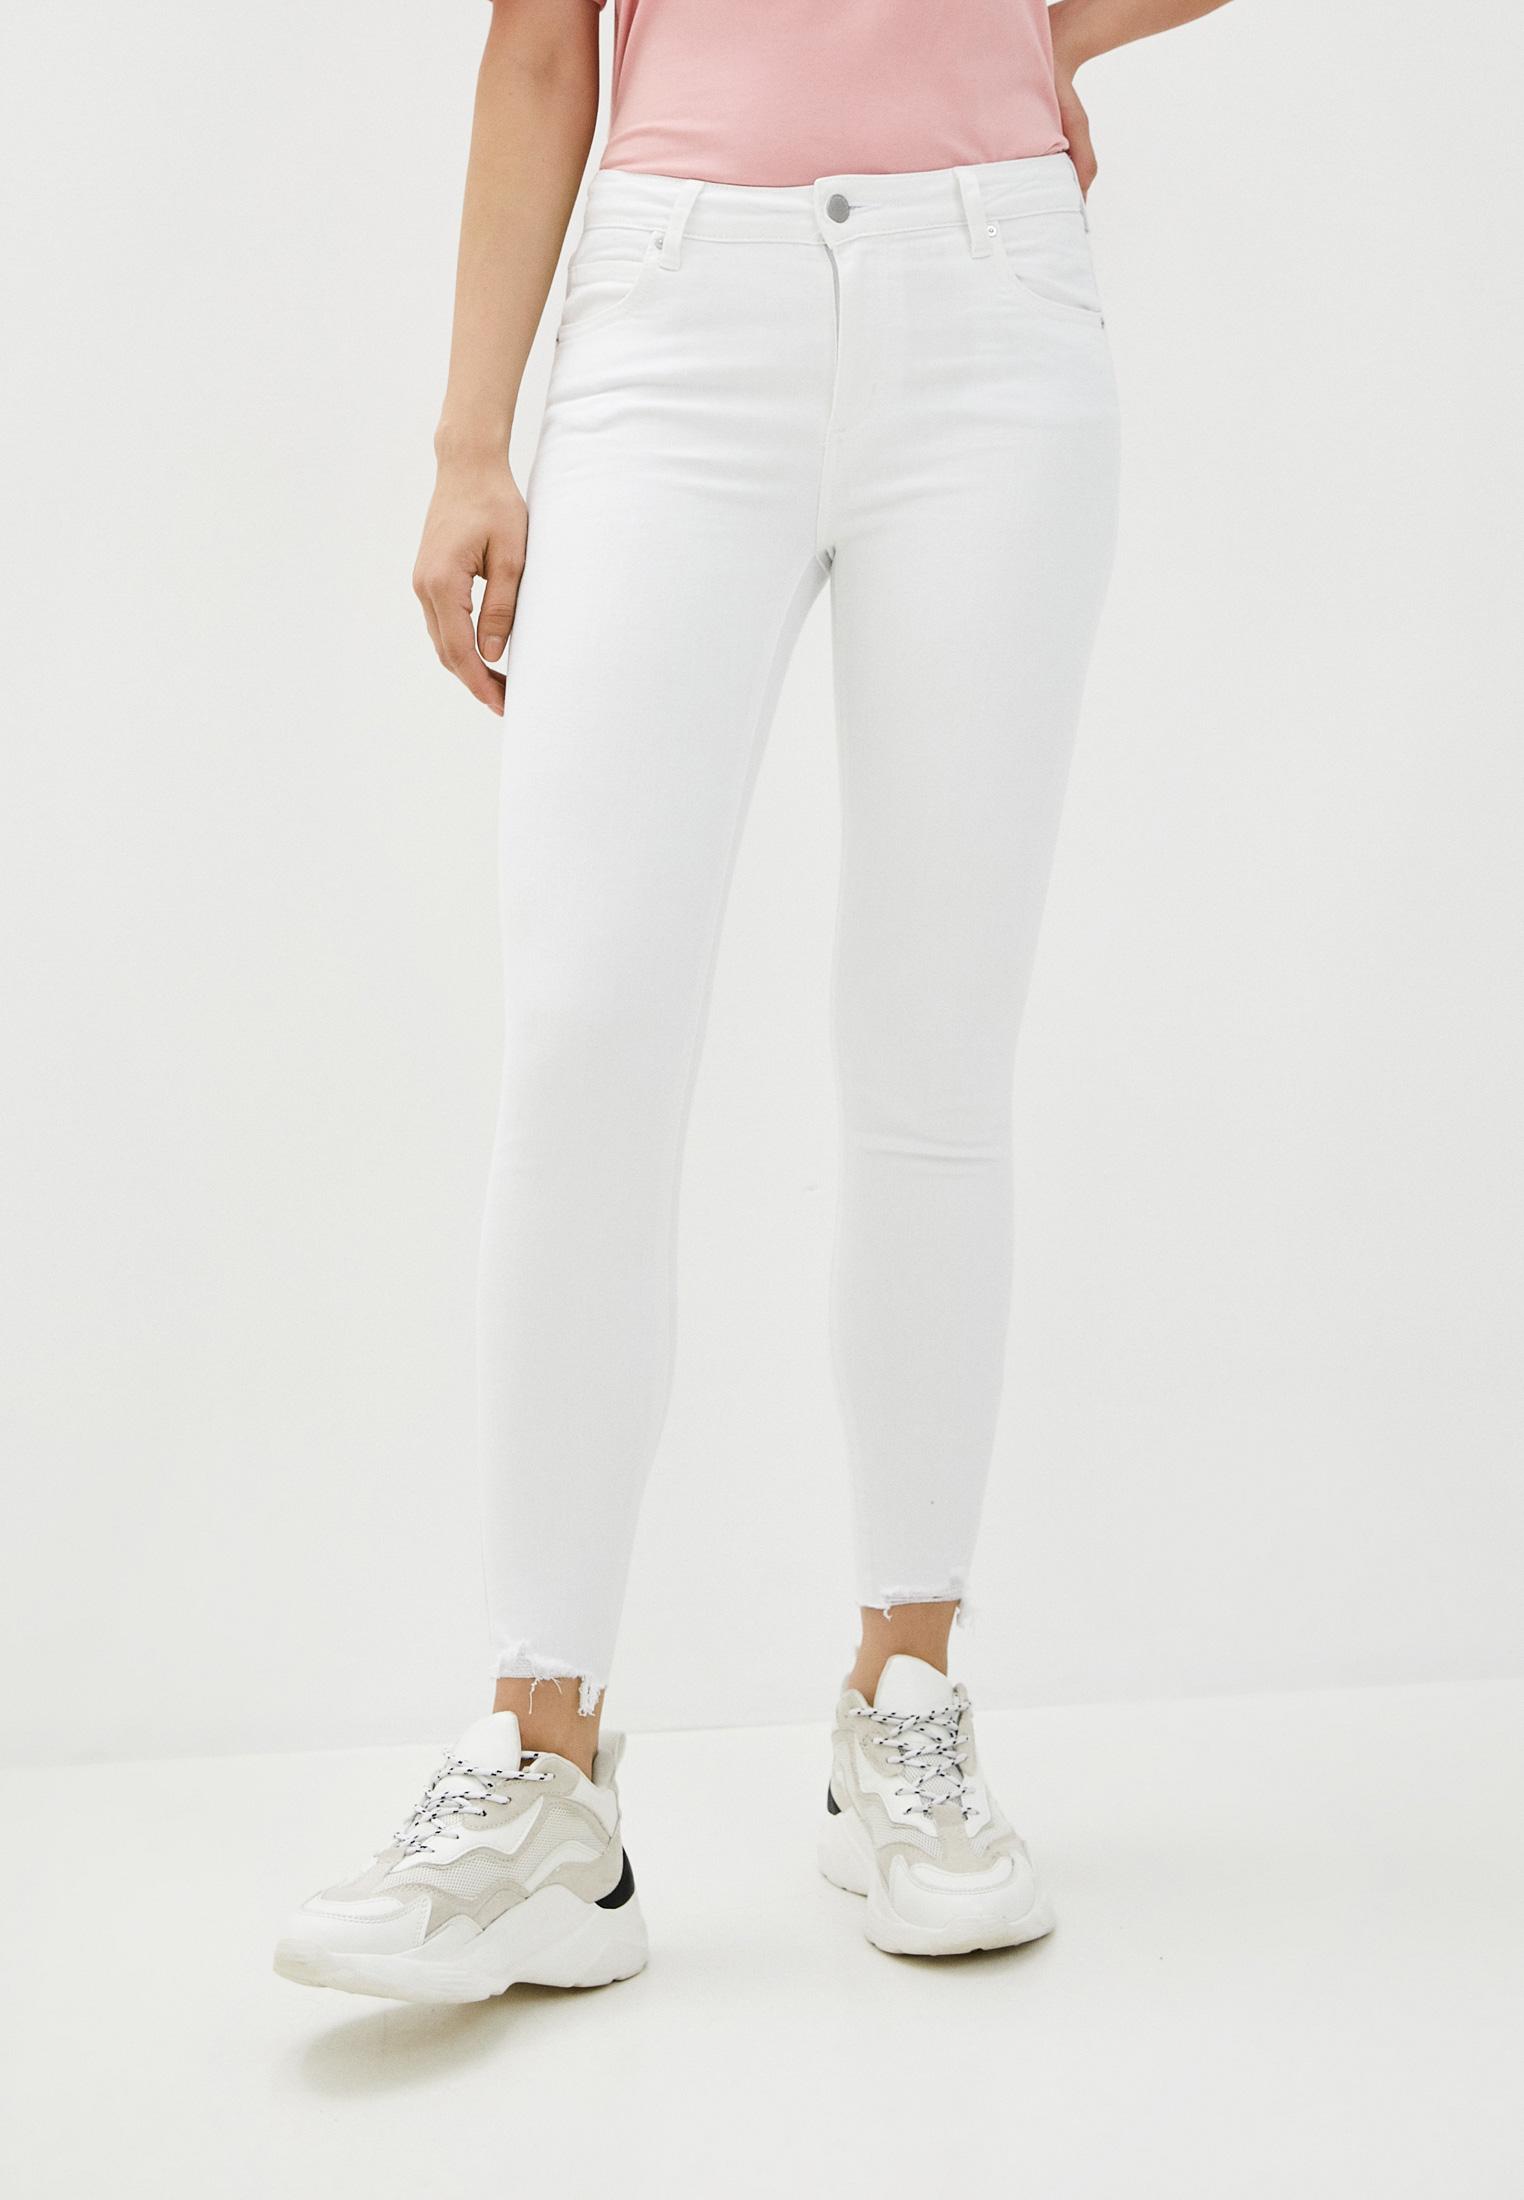 Зауженные джинсы Cotton On 241182-216: изображение 1